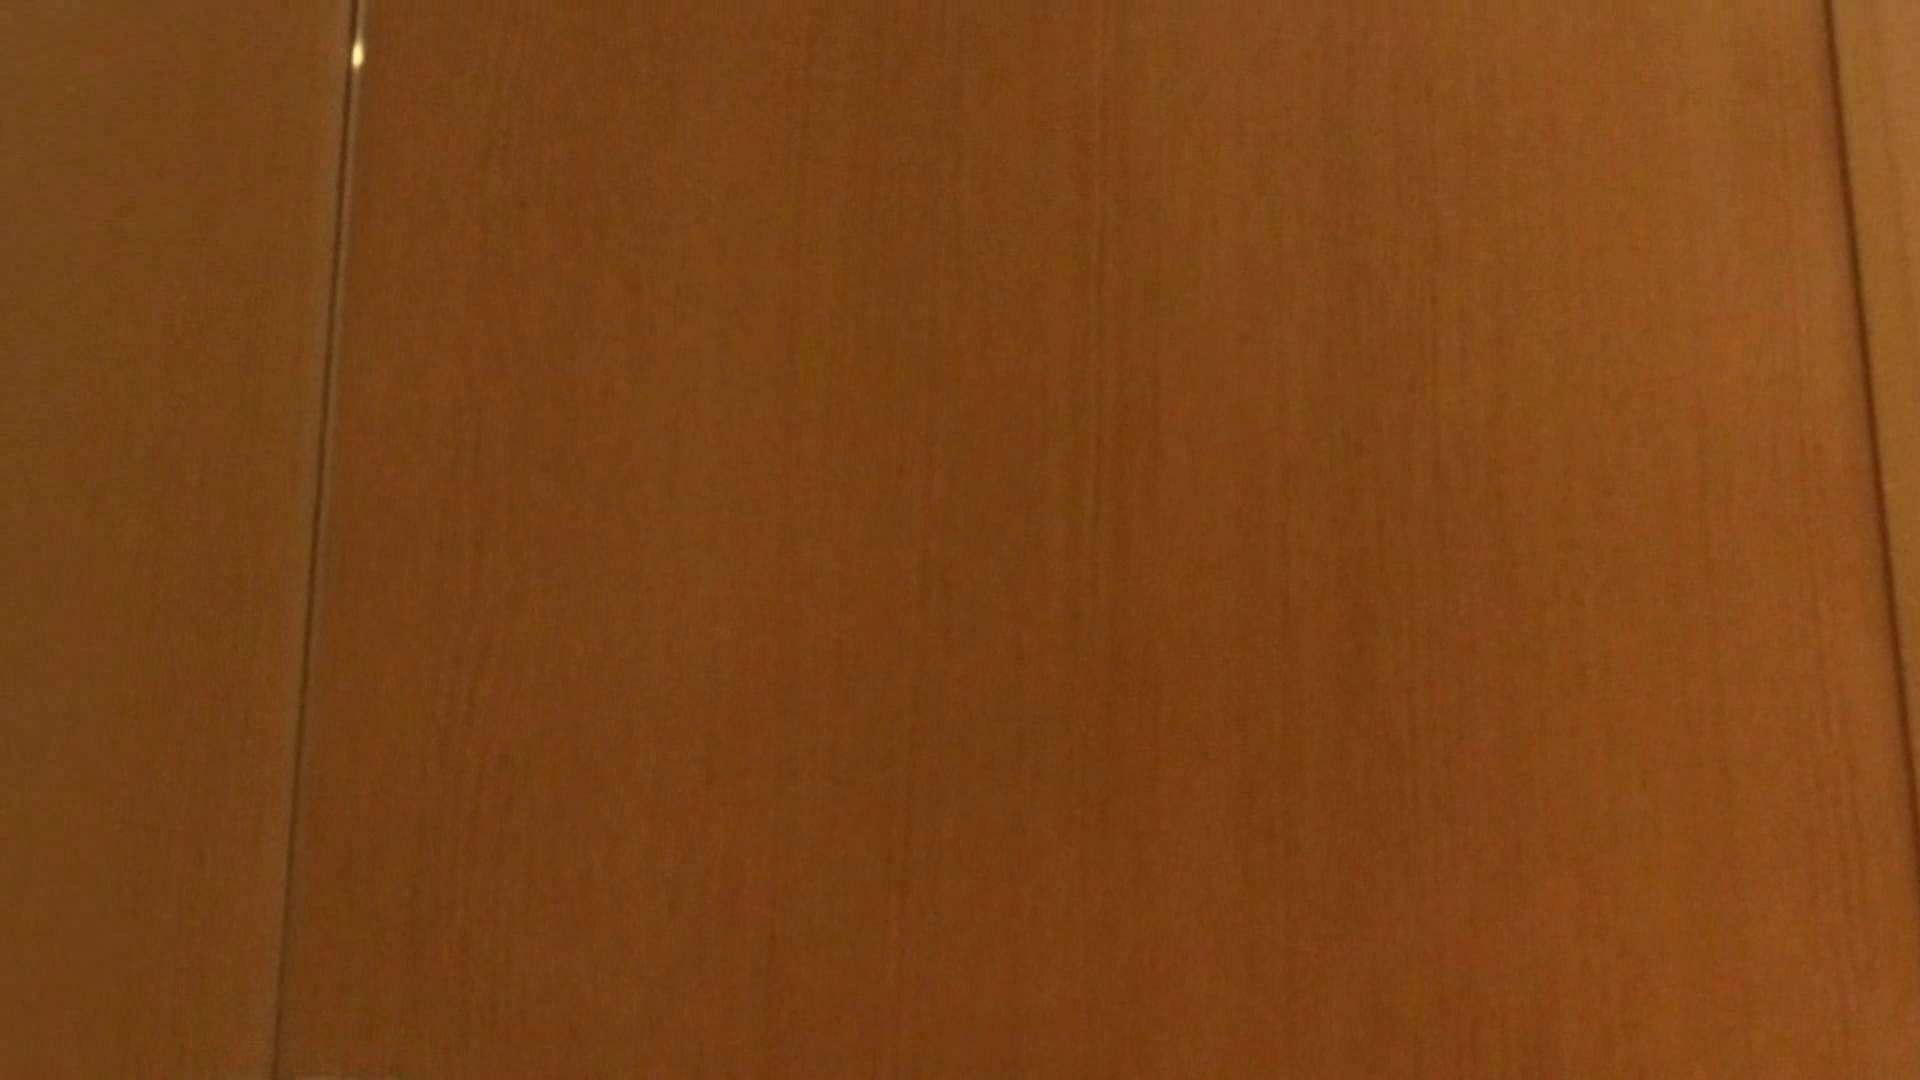 「噂」の国の厠観察日記2 Vol.08 OLハメ撮り  111Pix 79